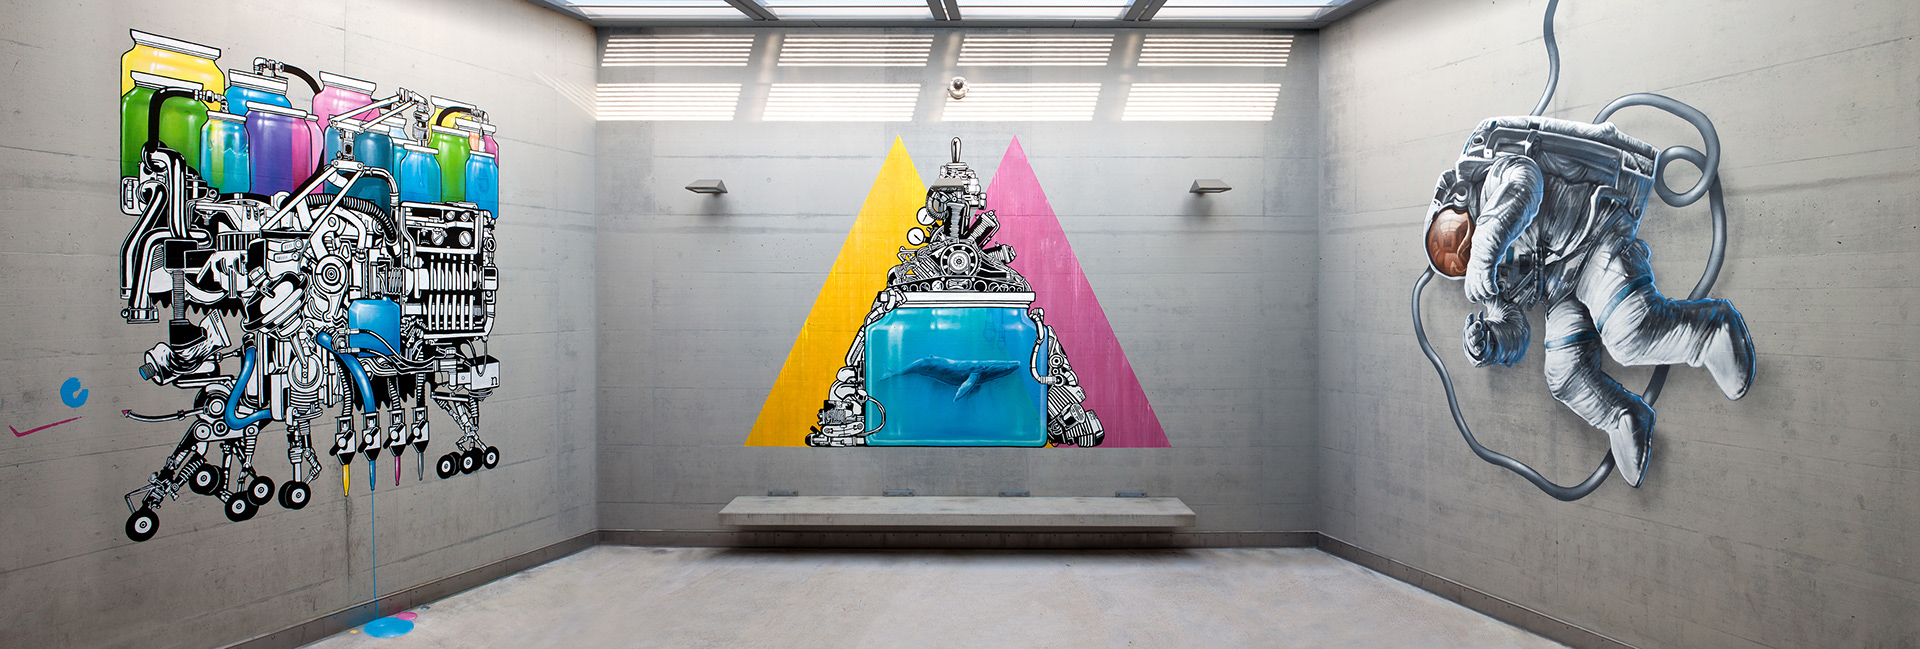 graffiti en prison